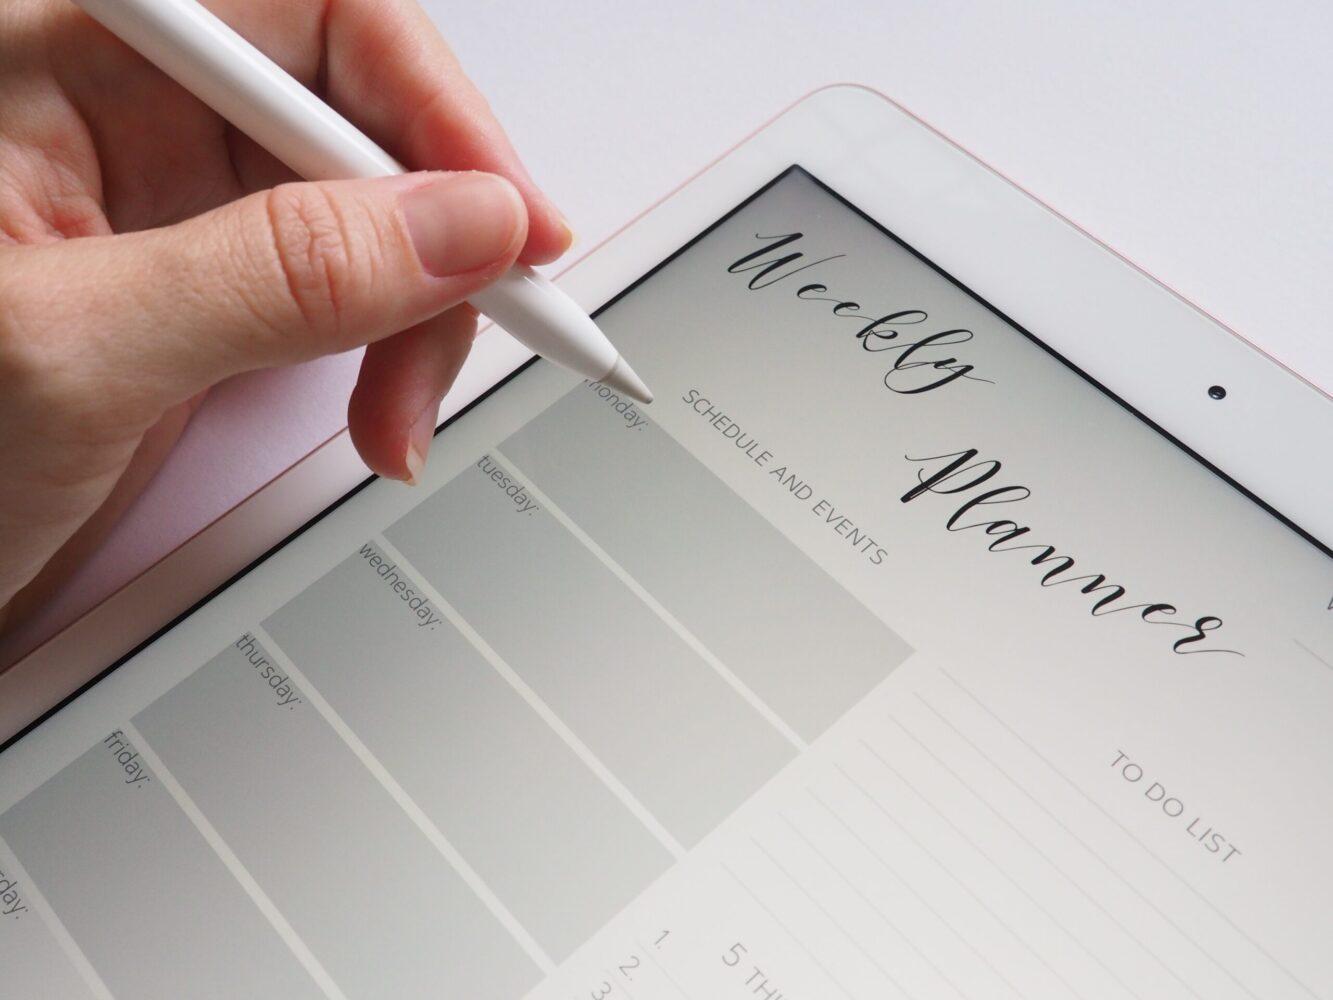 Het Gezinsleven - Lifestyle - Mindset - Een weekplanning maken, hoe doe je dat? Onze 13 tips! - Digitale planner